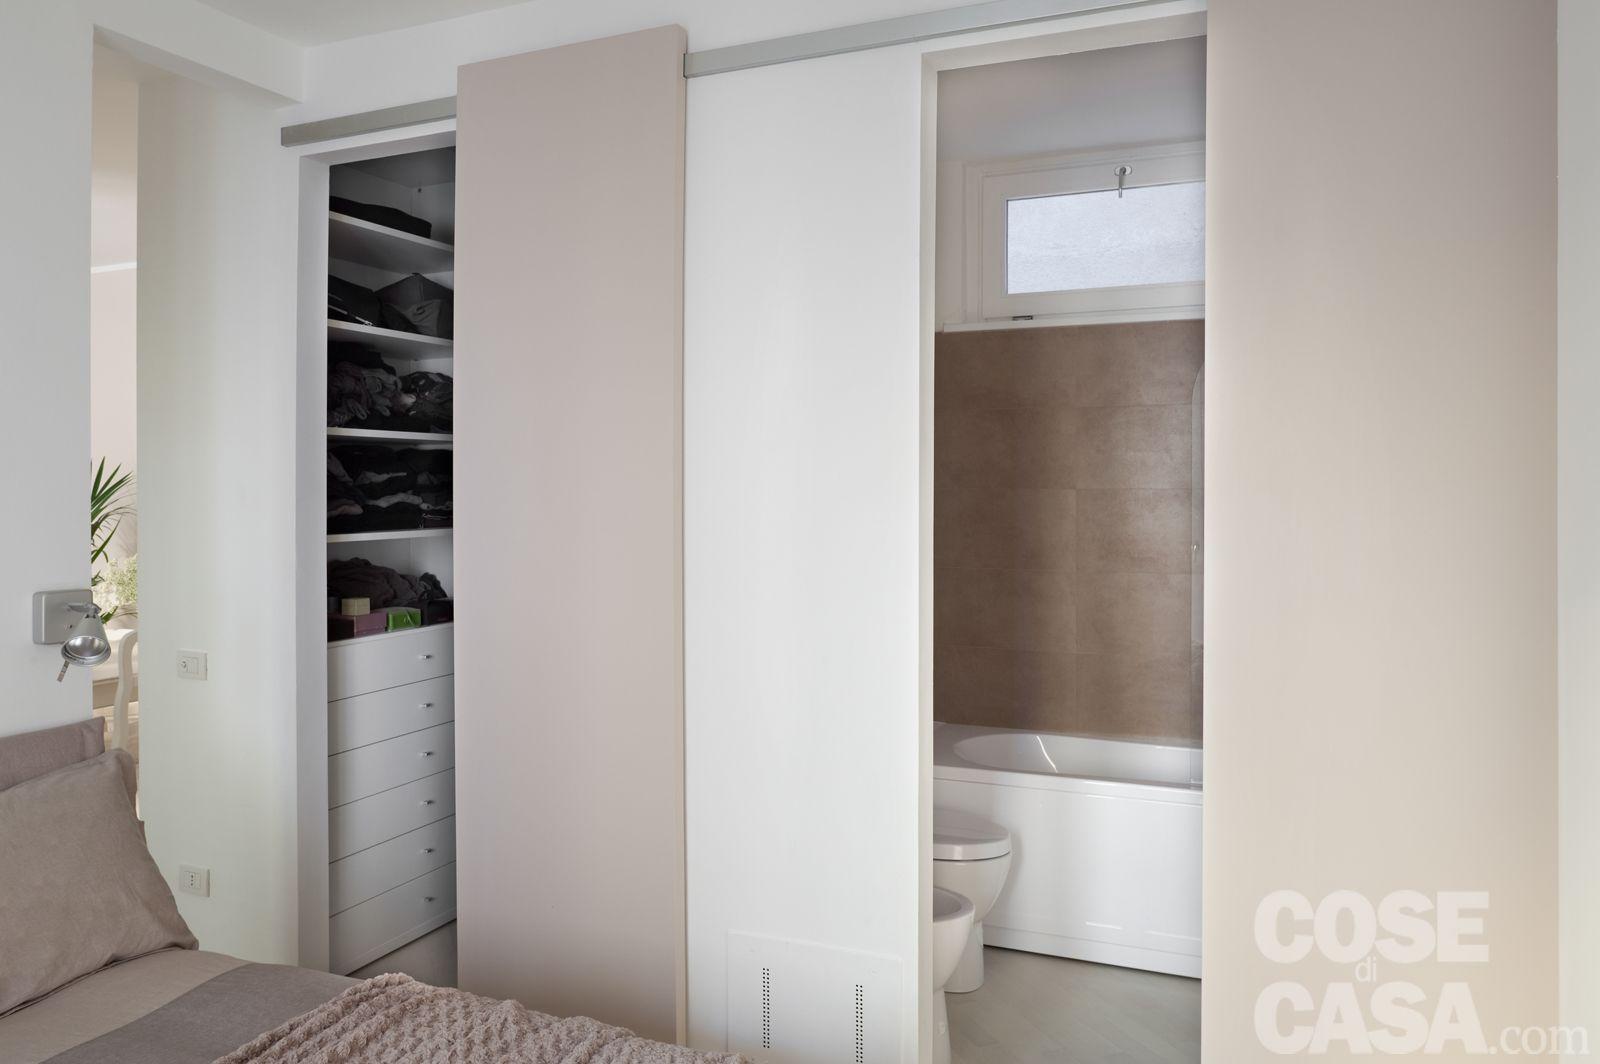 armadio muro in bagno Cerca con Google (con immagini